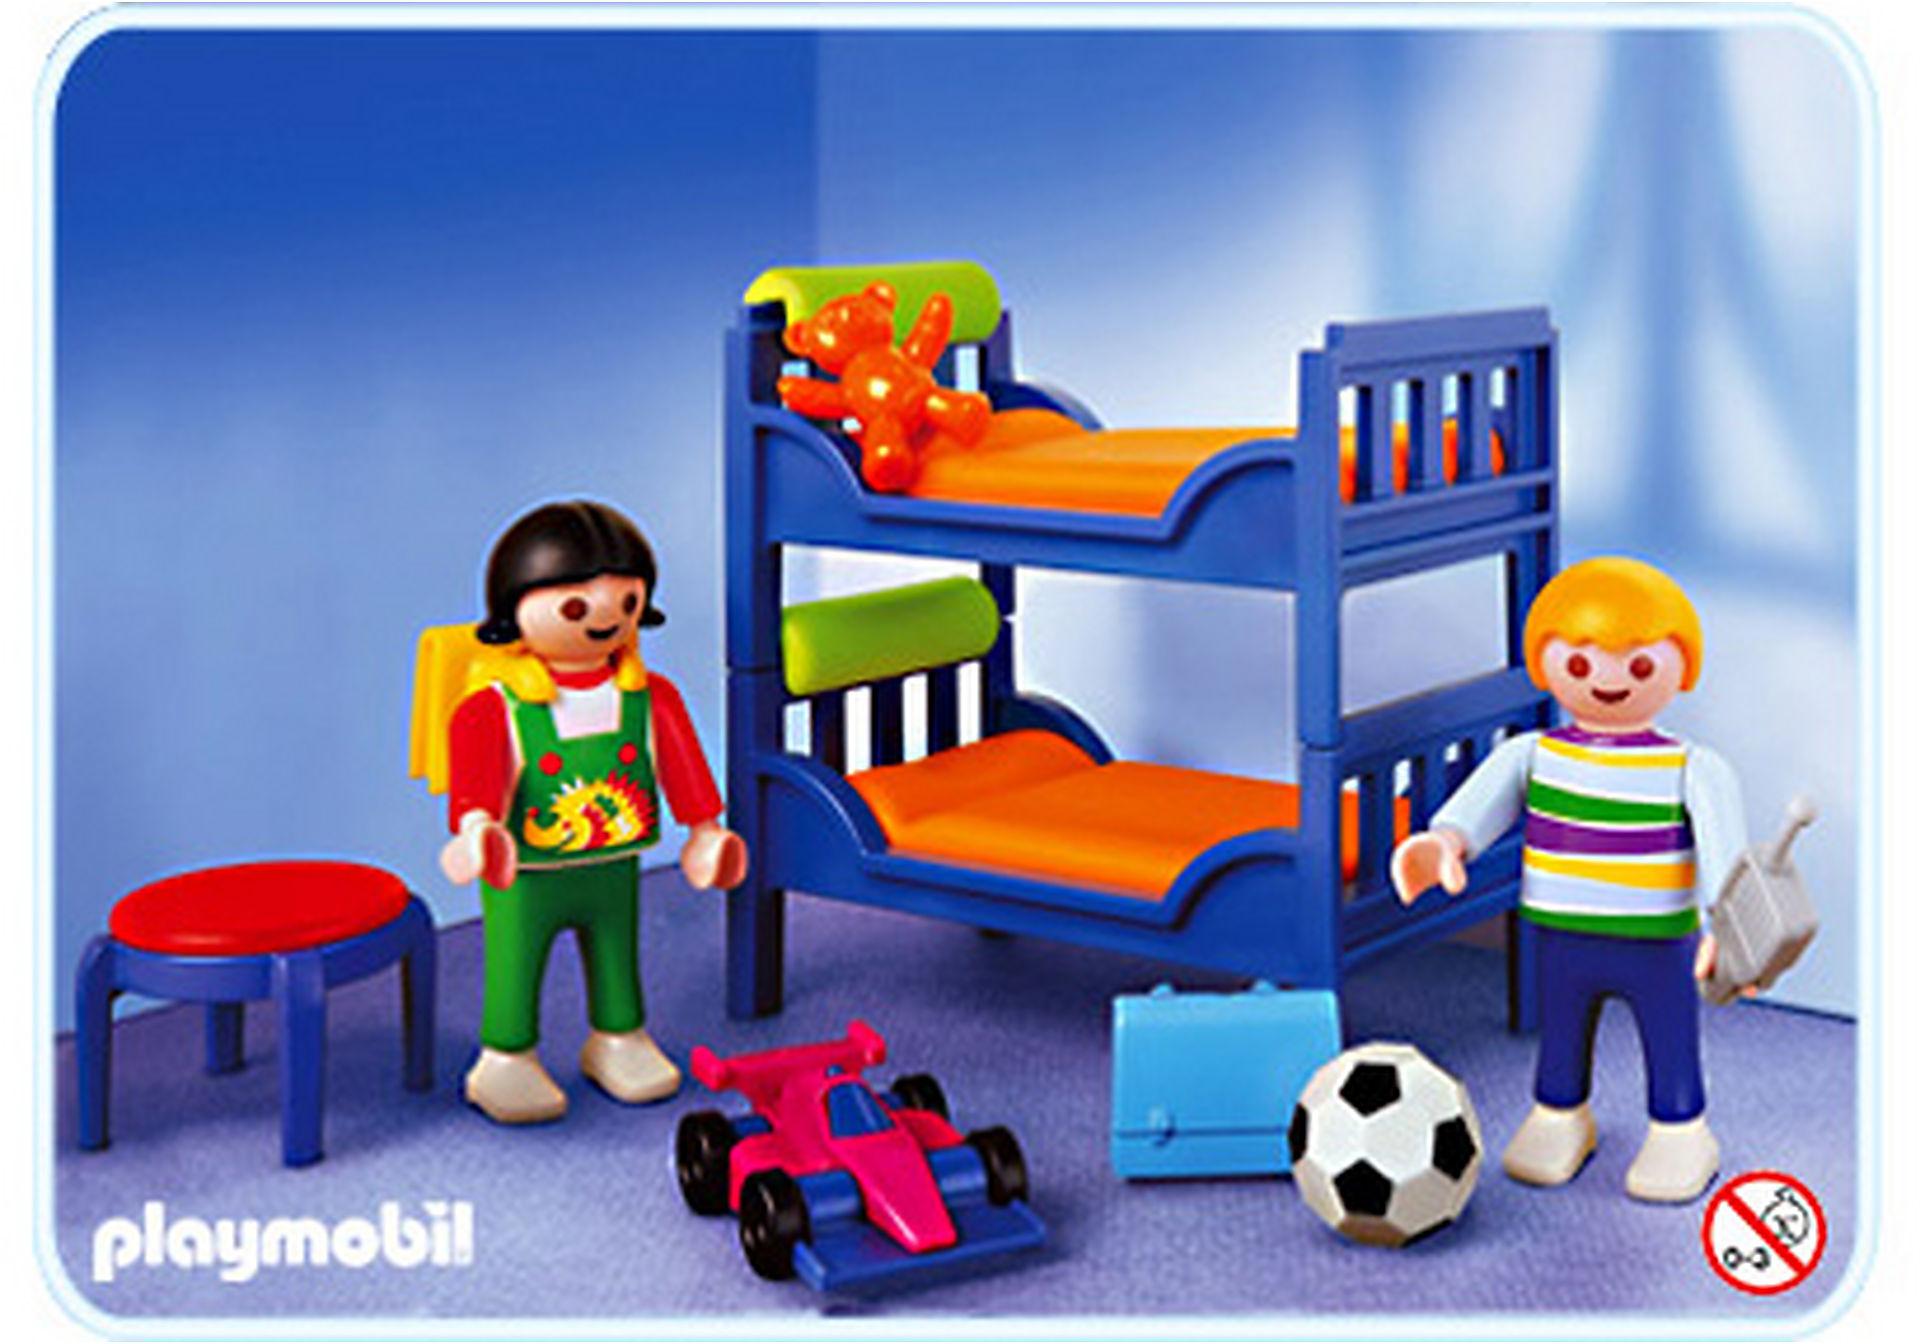 3964-A Etagenbett mit Kindern zoom image1